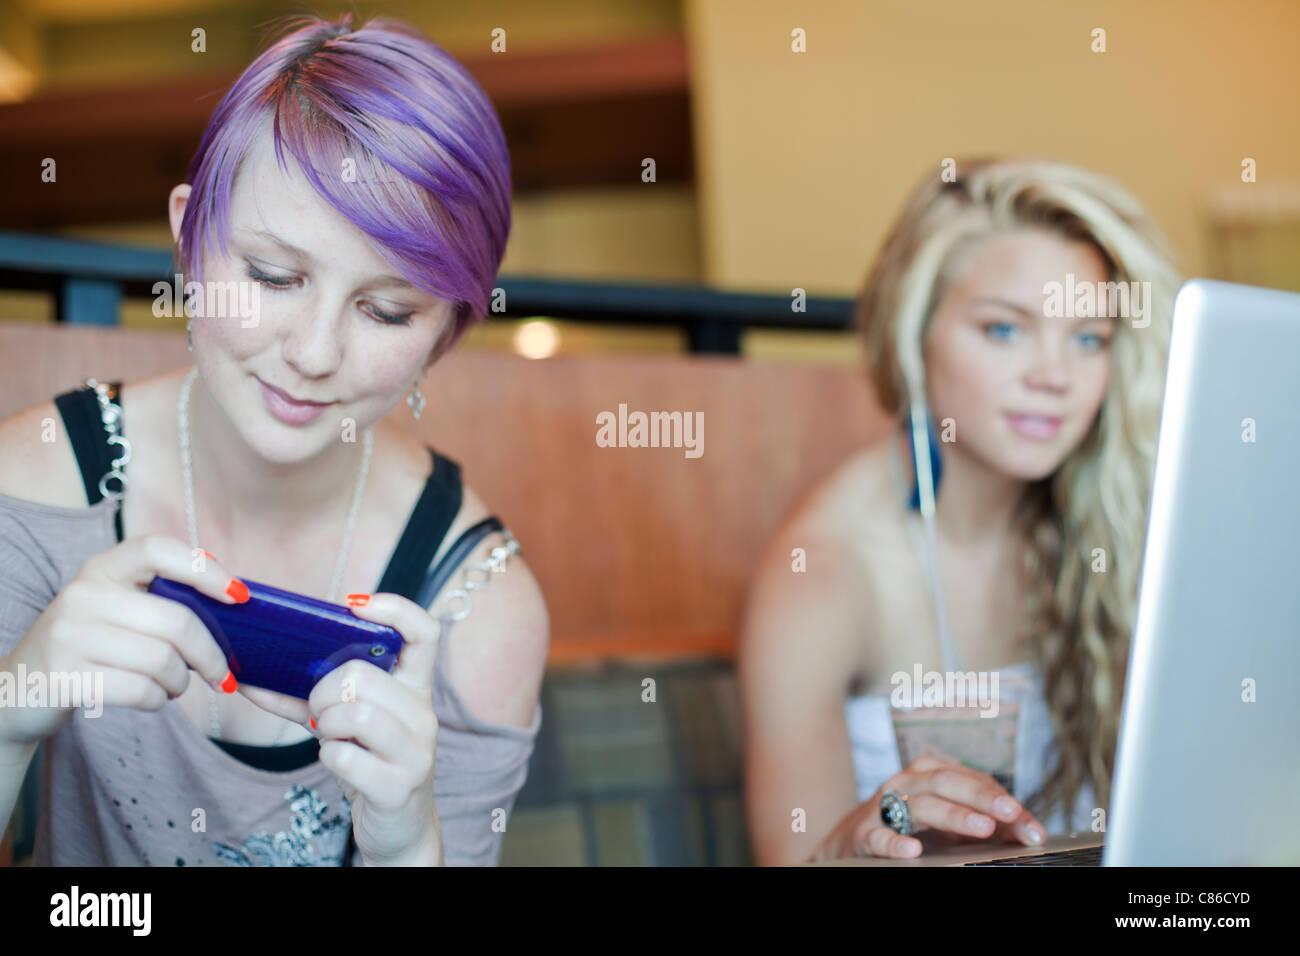 Dos chicas adolescentes en coffee house en portátiles y teléfonos inteligentes. Imagen De Stock